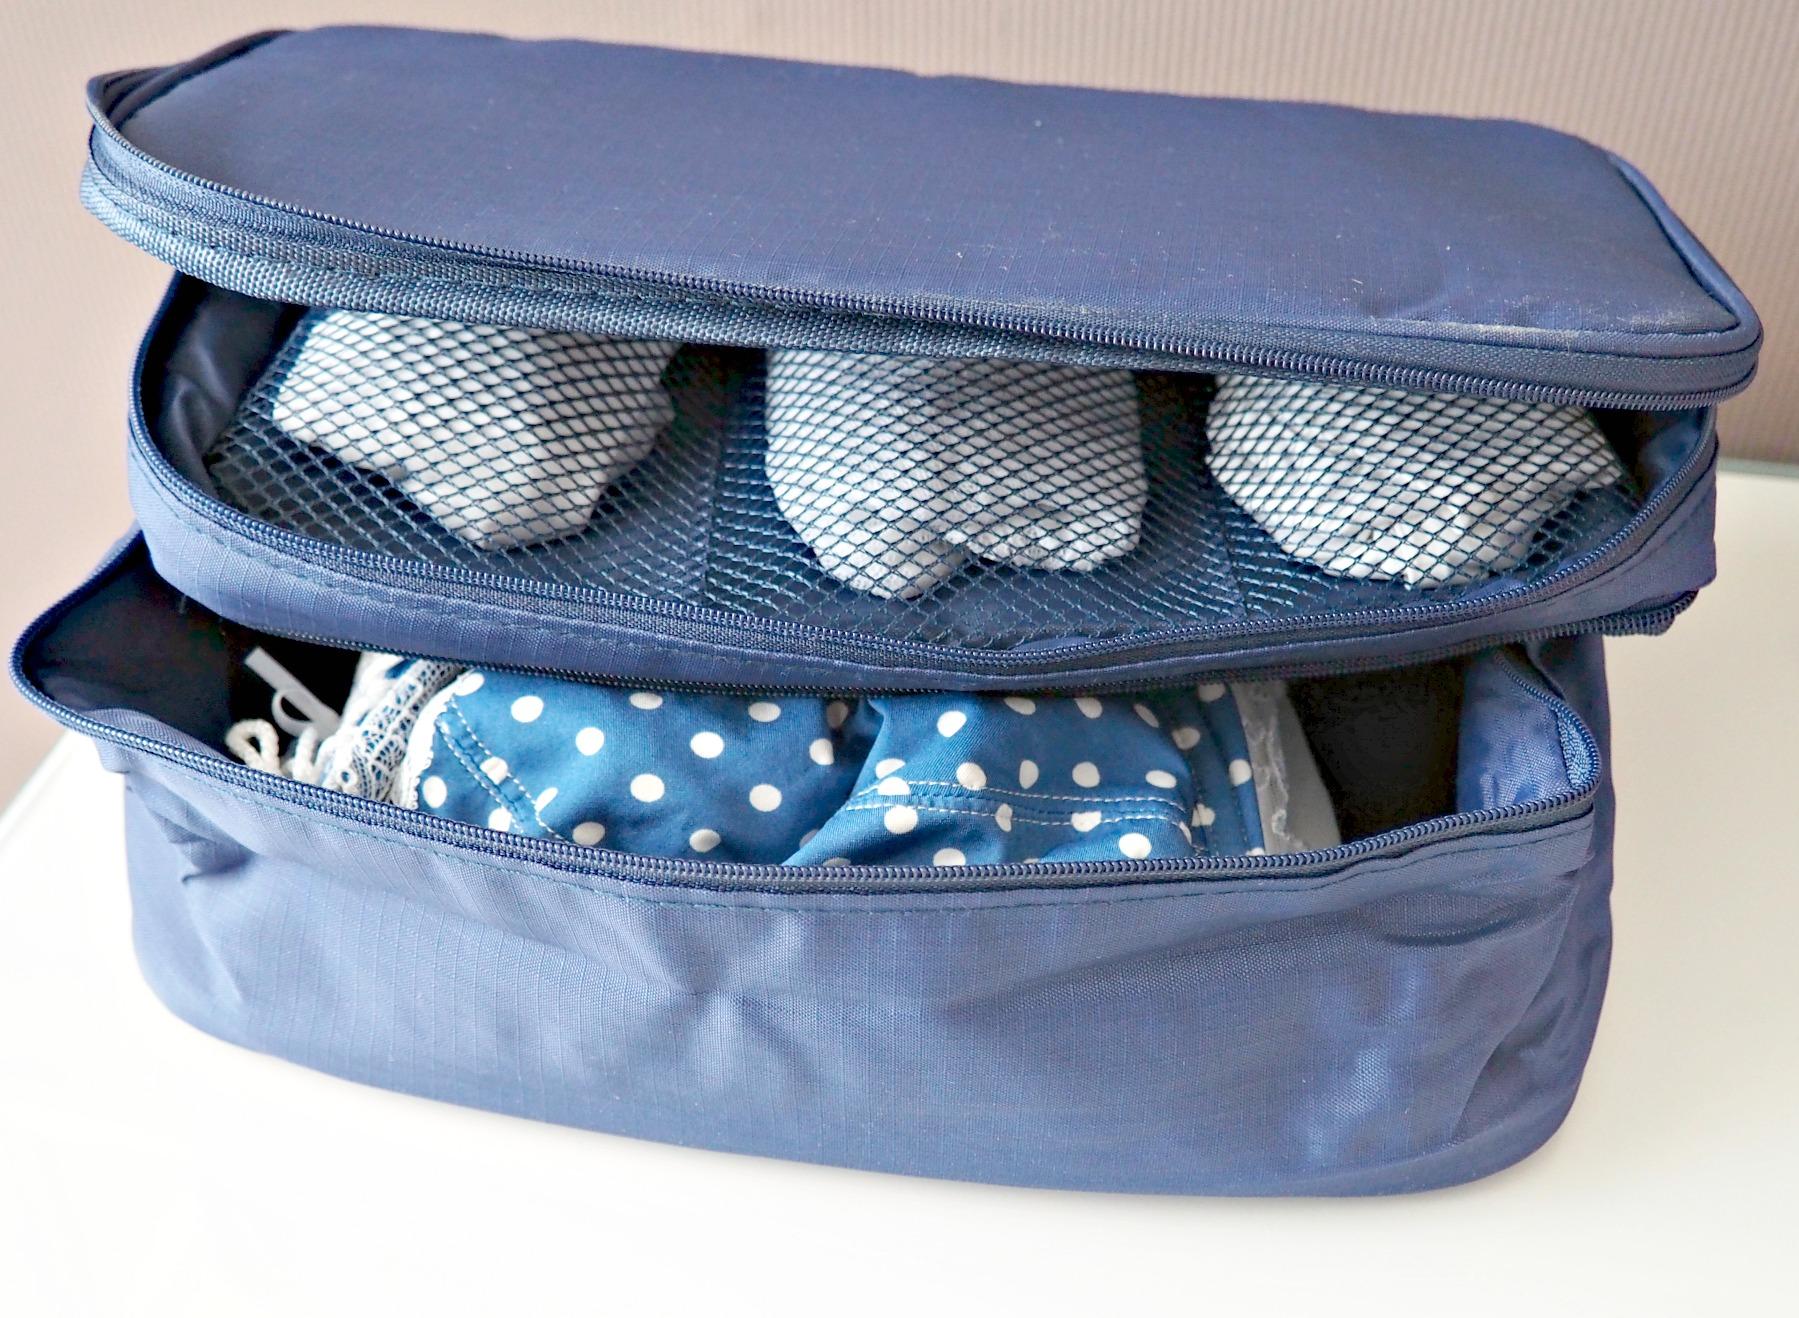 Unterwäsche im Koffer